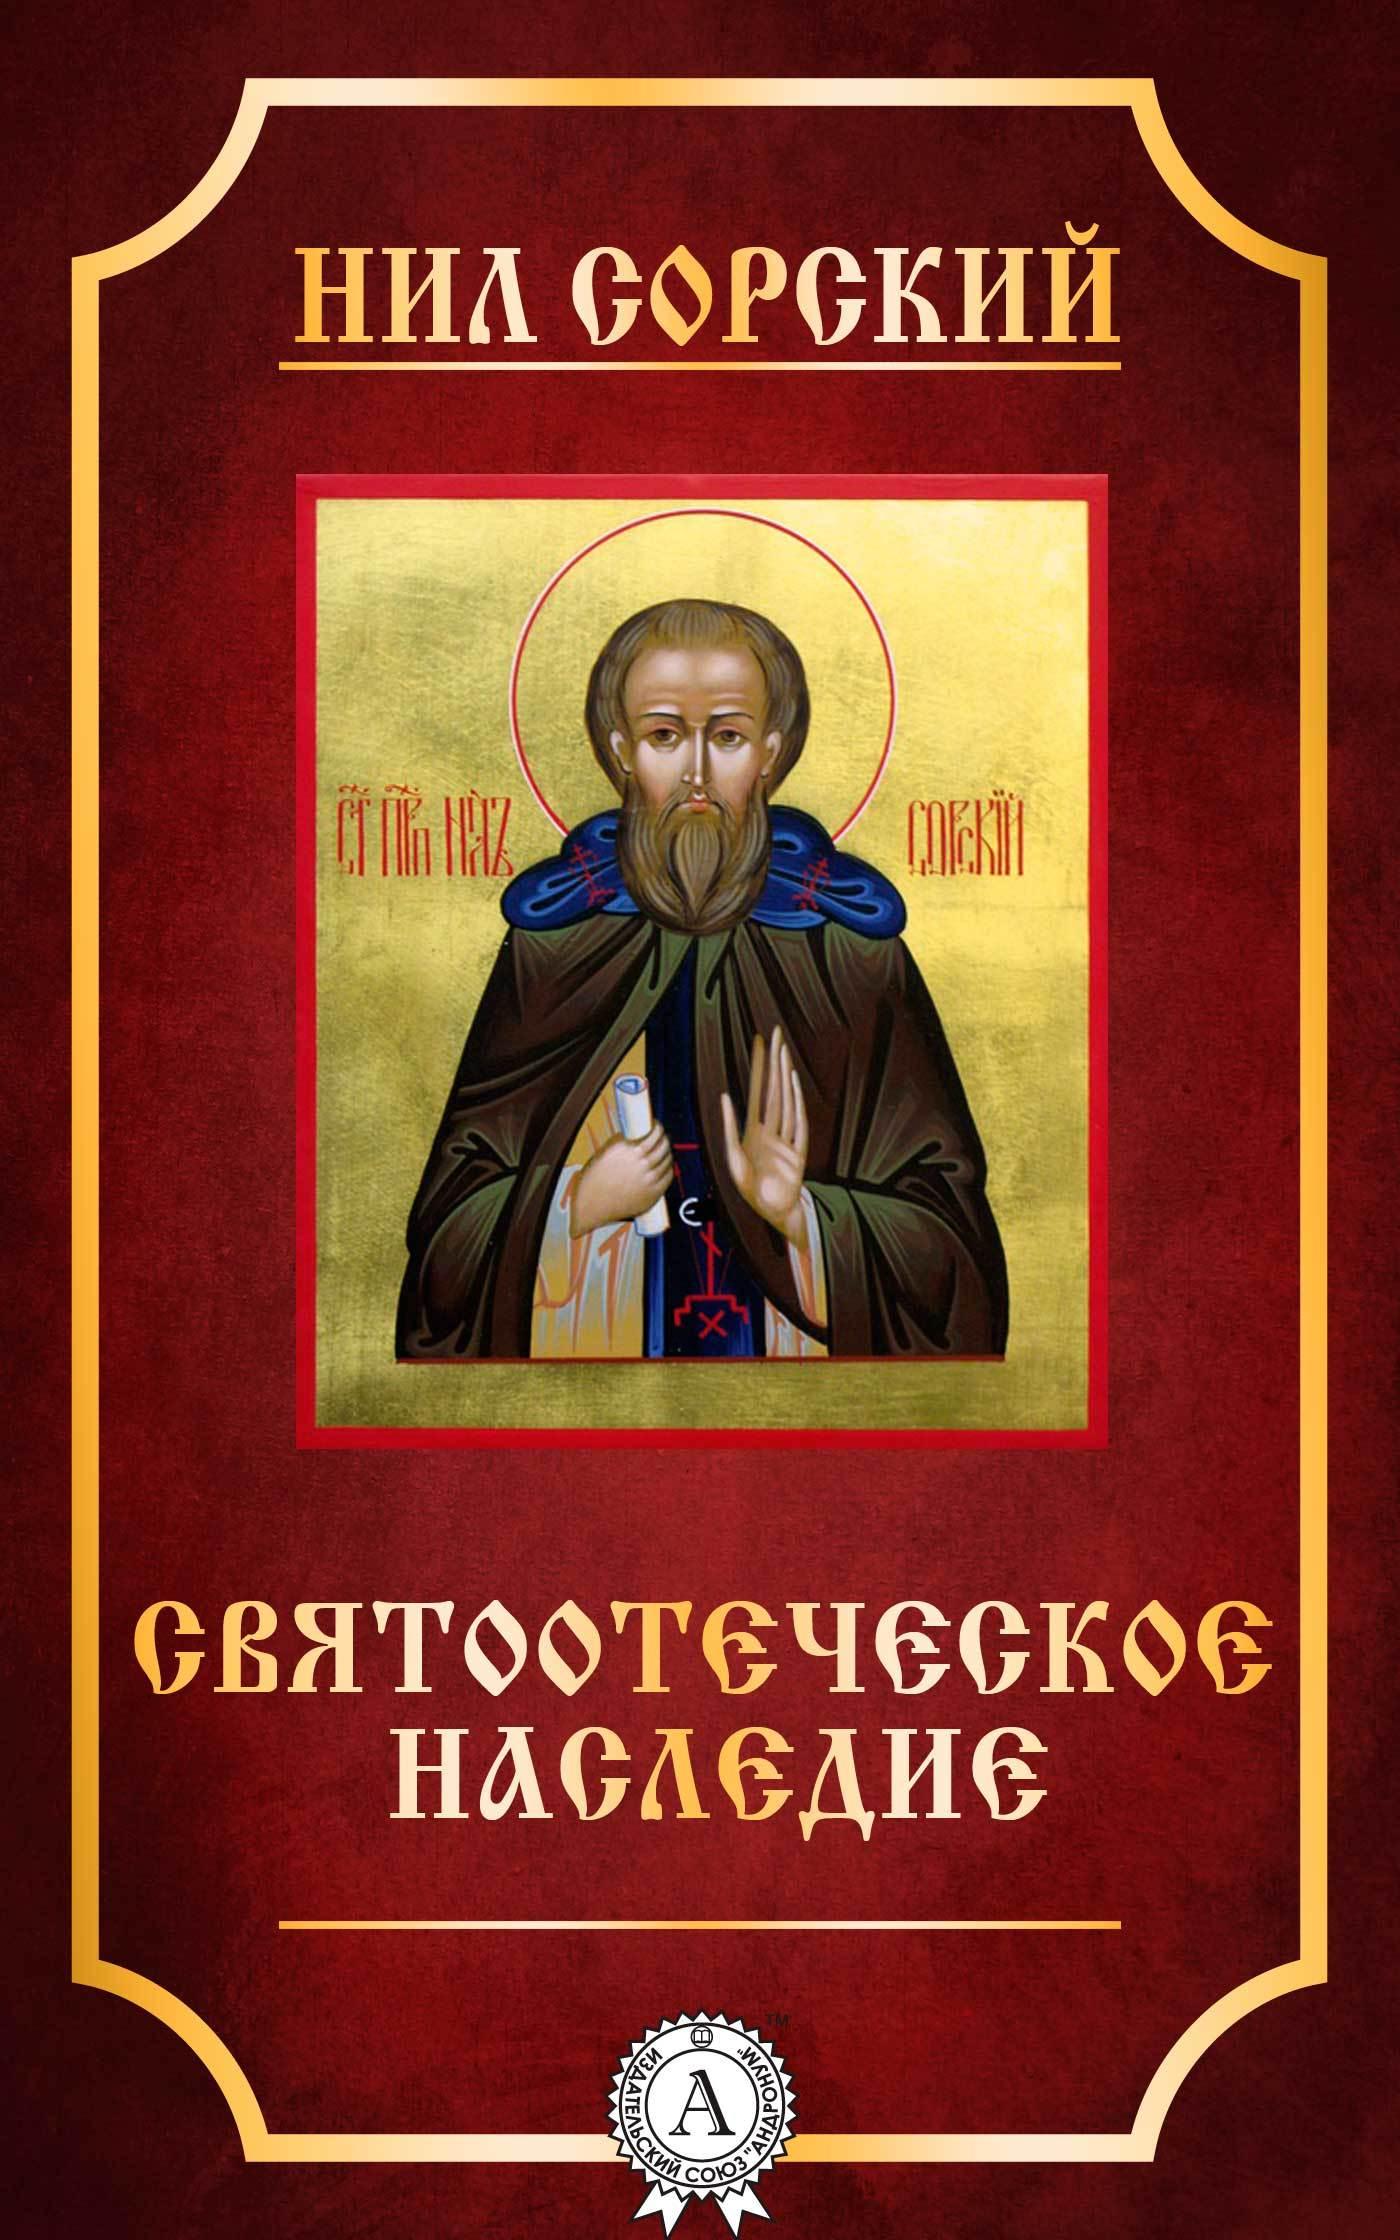 Нил Преподобный Сорский Святоотеческое наследие